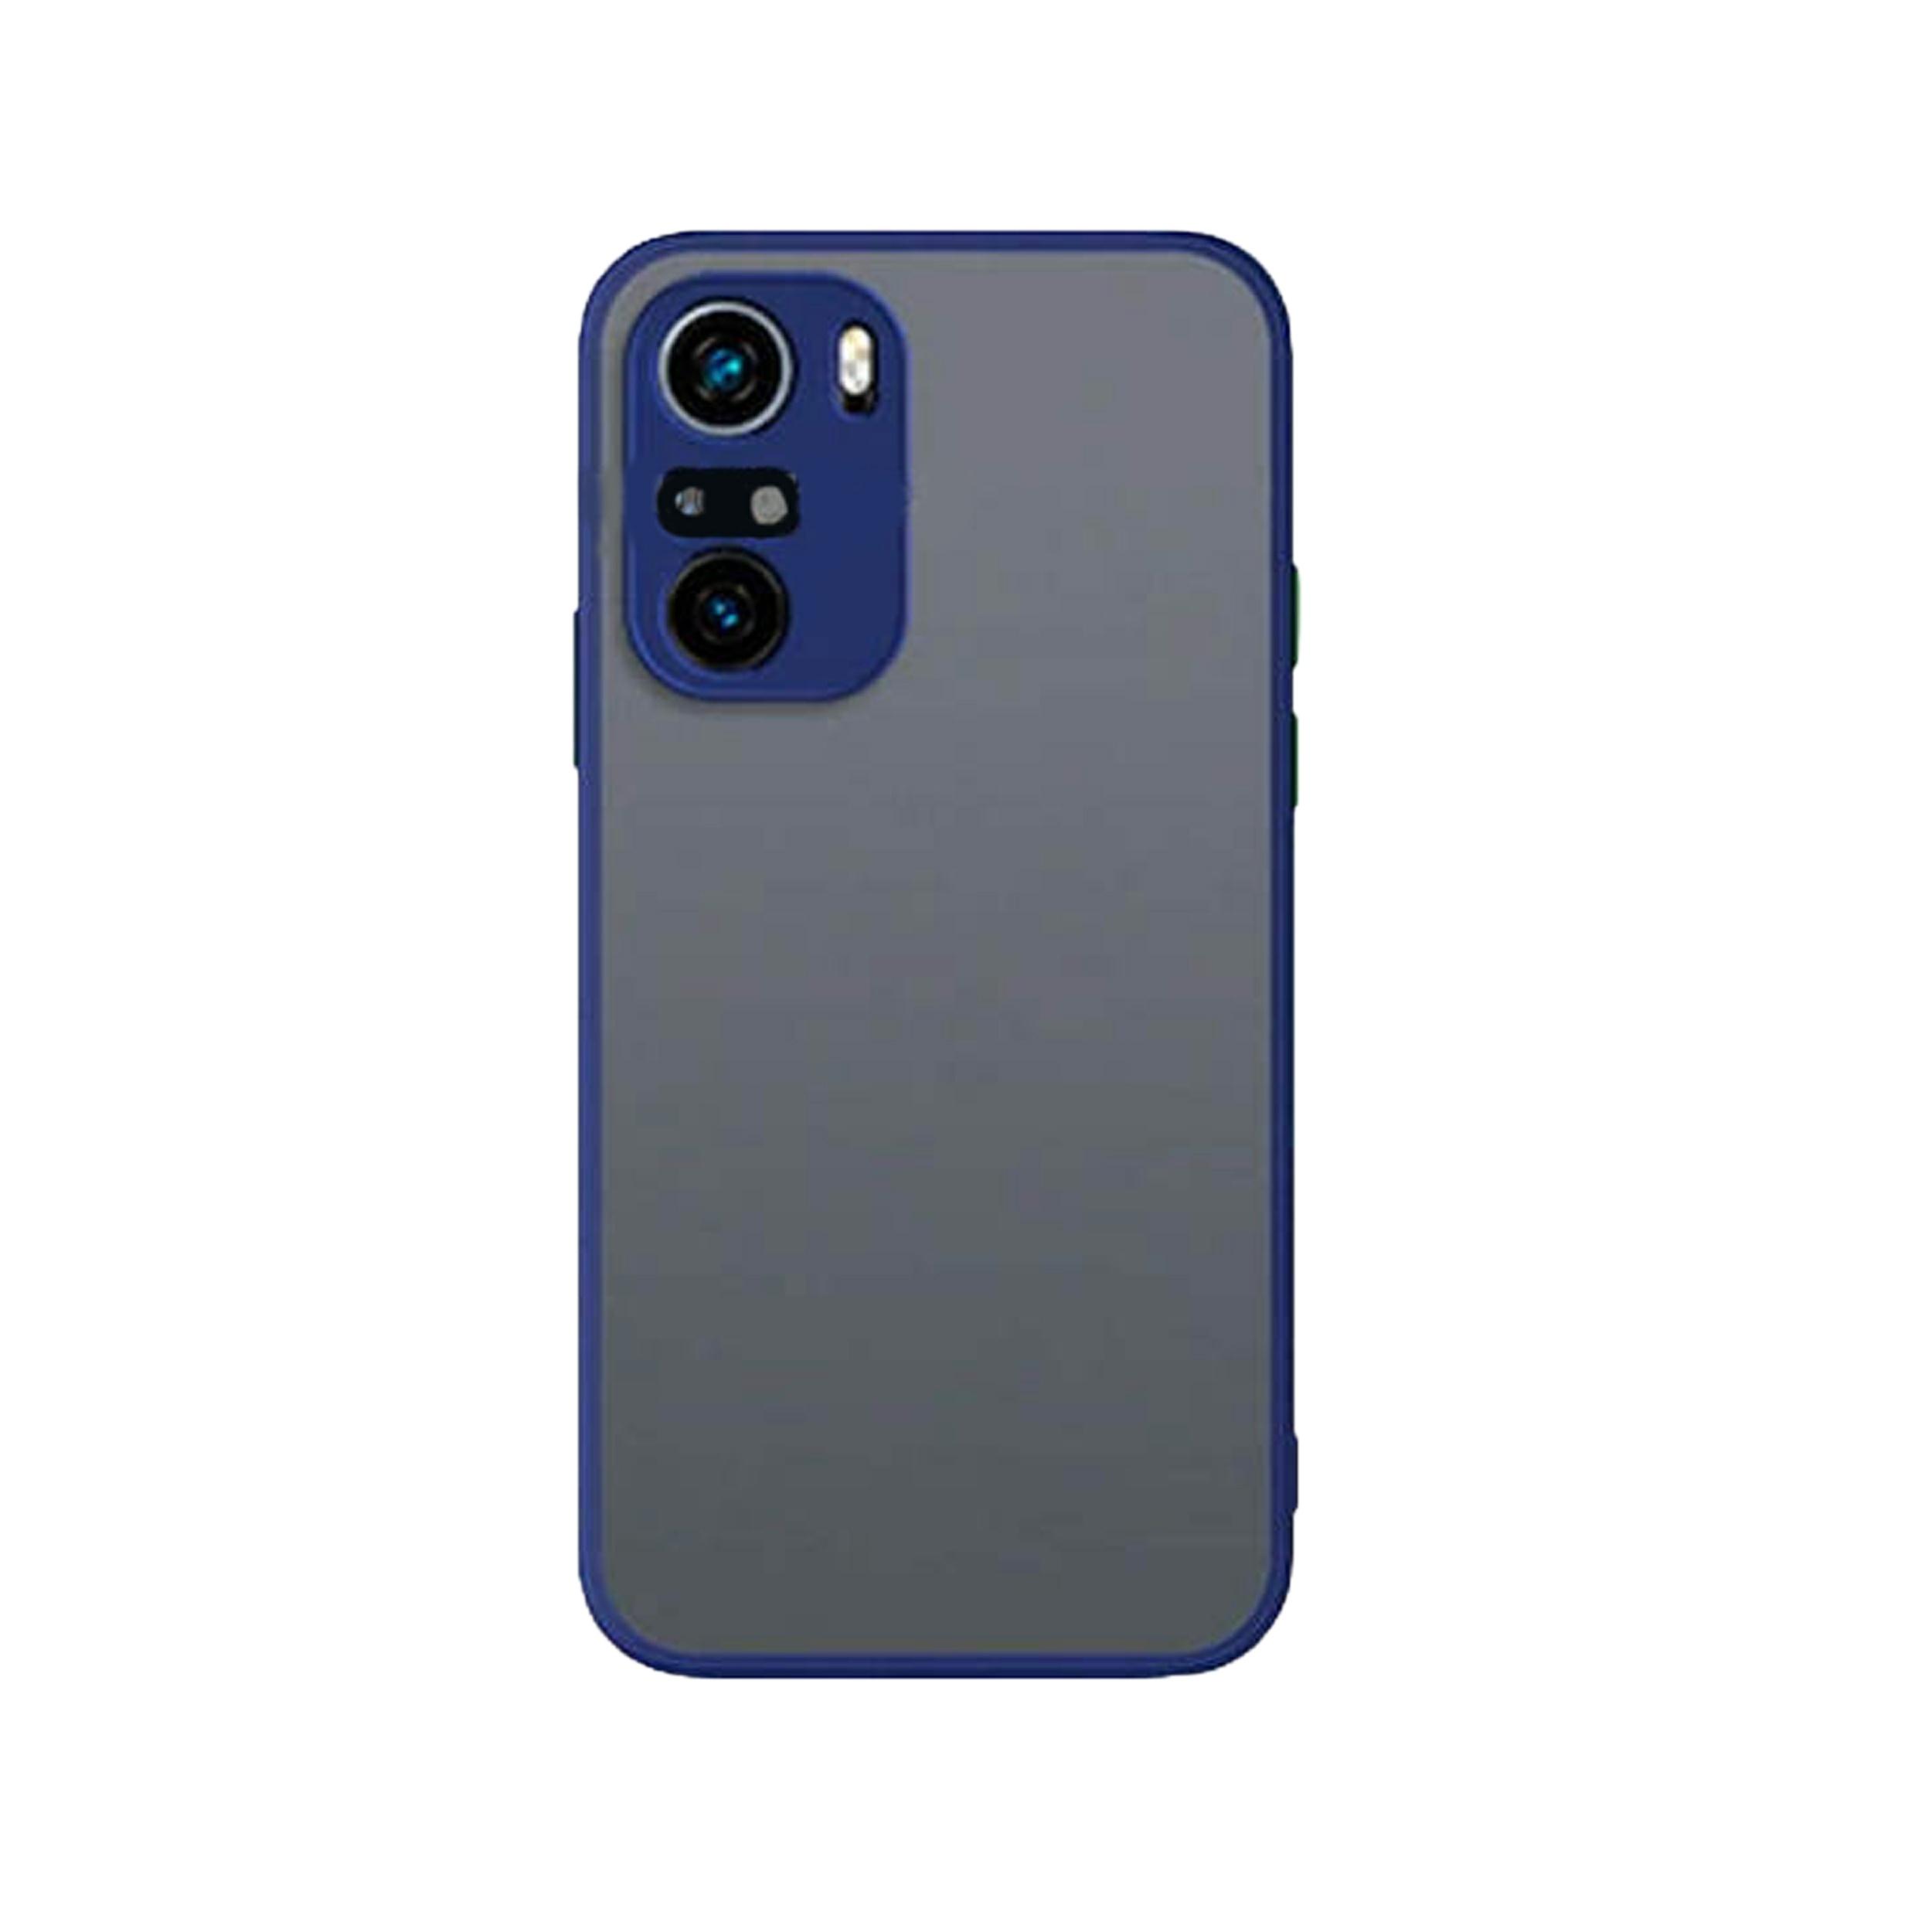 بررسی و {خرید با تخفیف} کاور مدل PSHT11 مناسب برای گوشی موبایل شیائومی poco F3 اصل